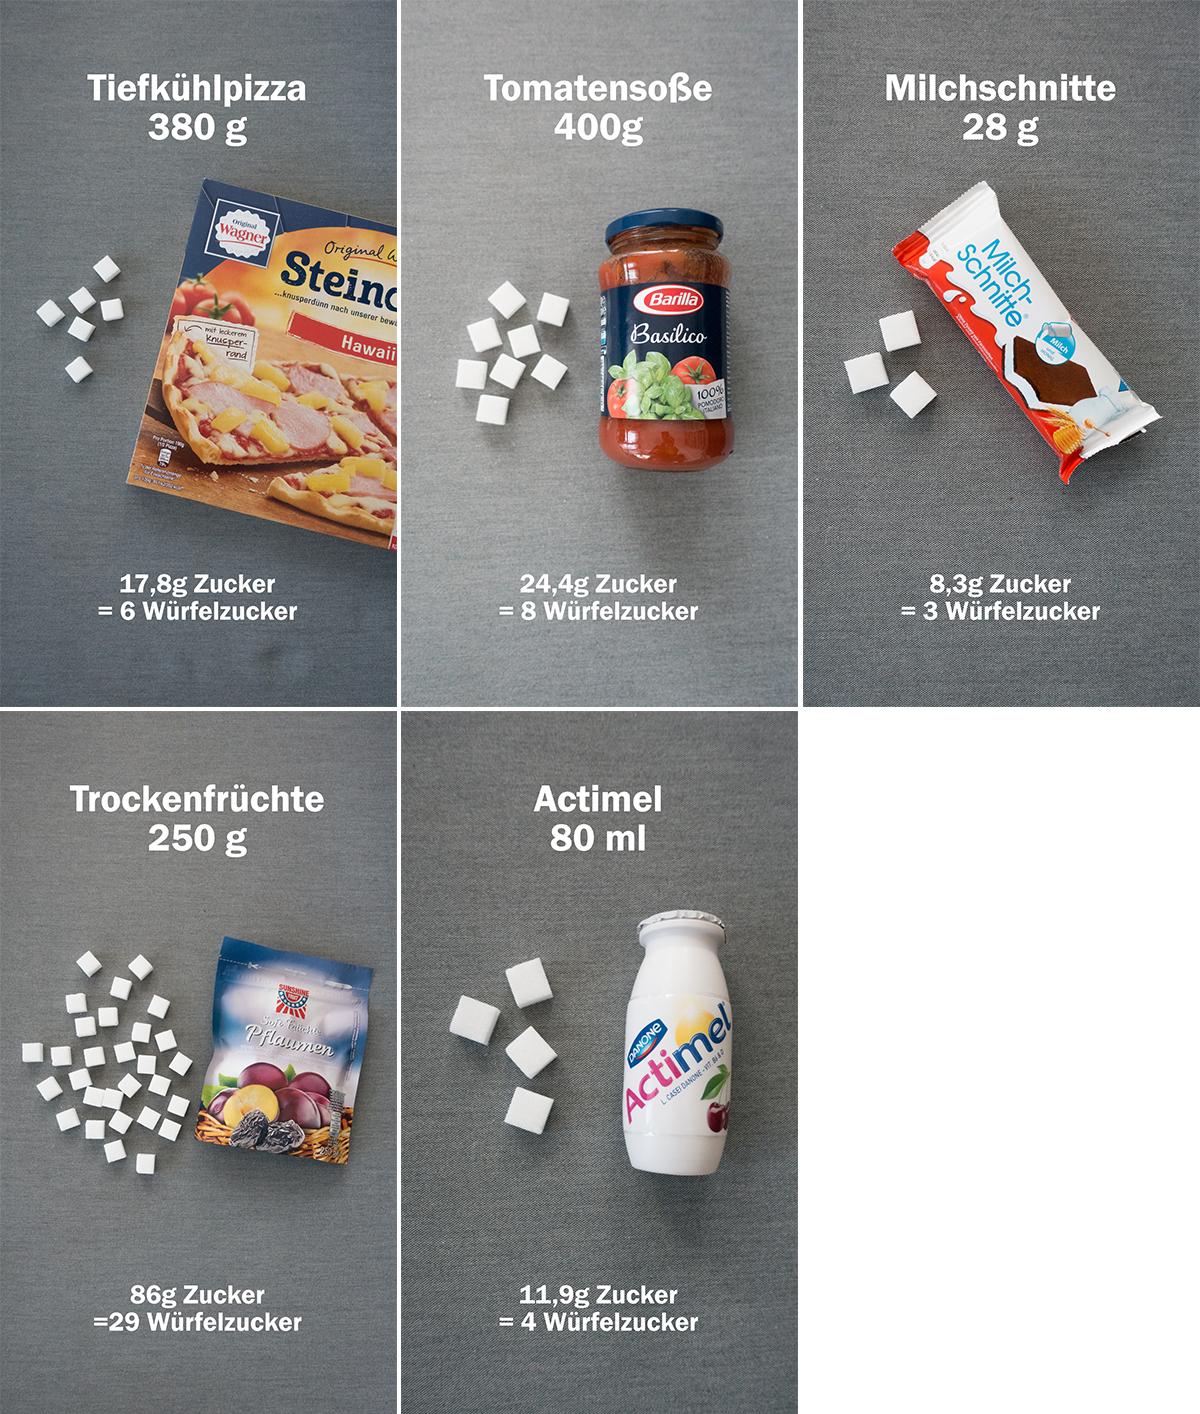 zuckerfrei-projekt-gesundheit-zucker-zitat-dreamteamfitness-getränke-würfelzucker-pizza